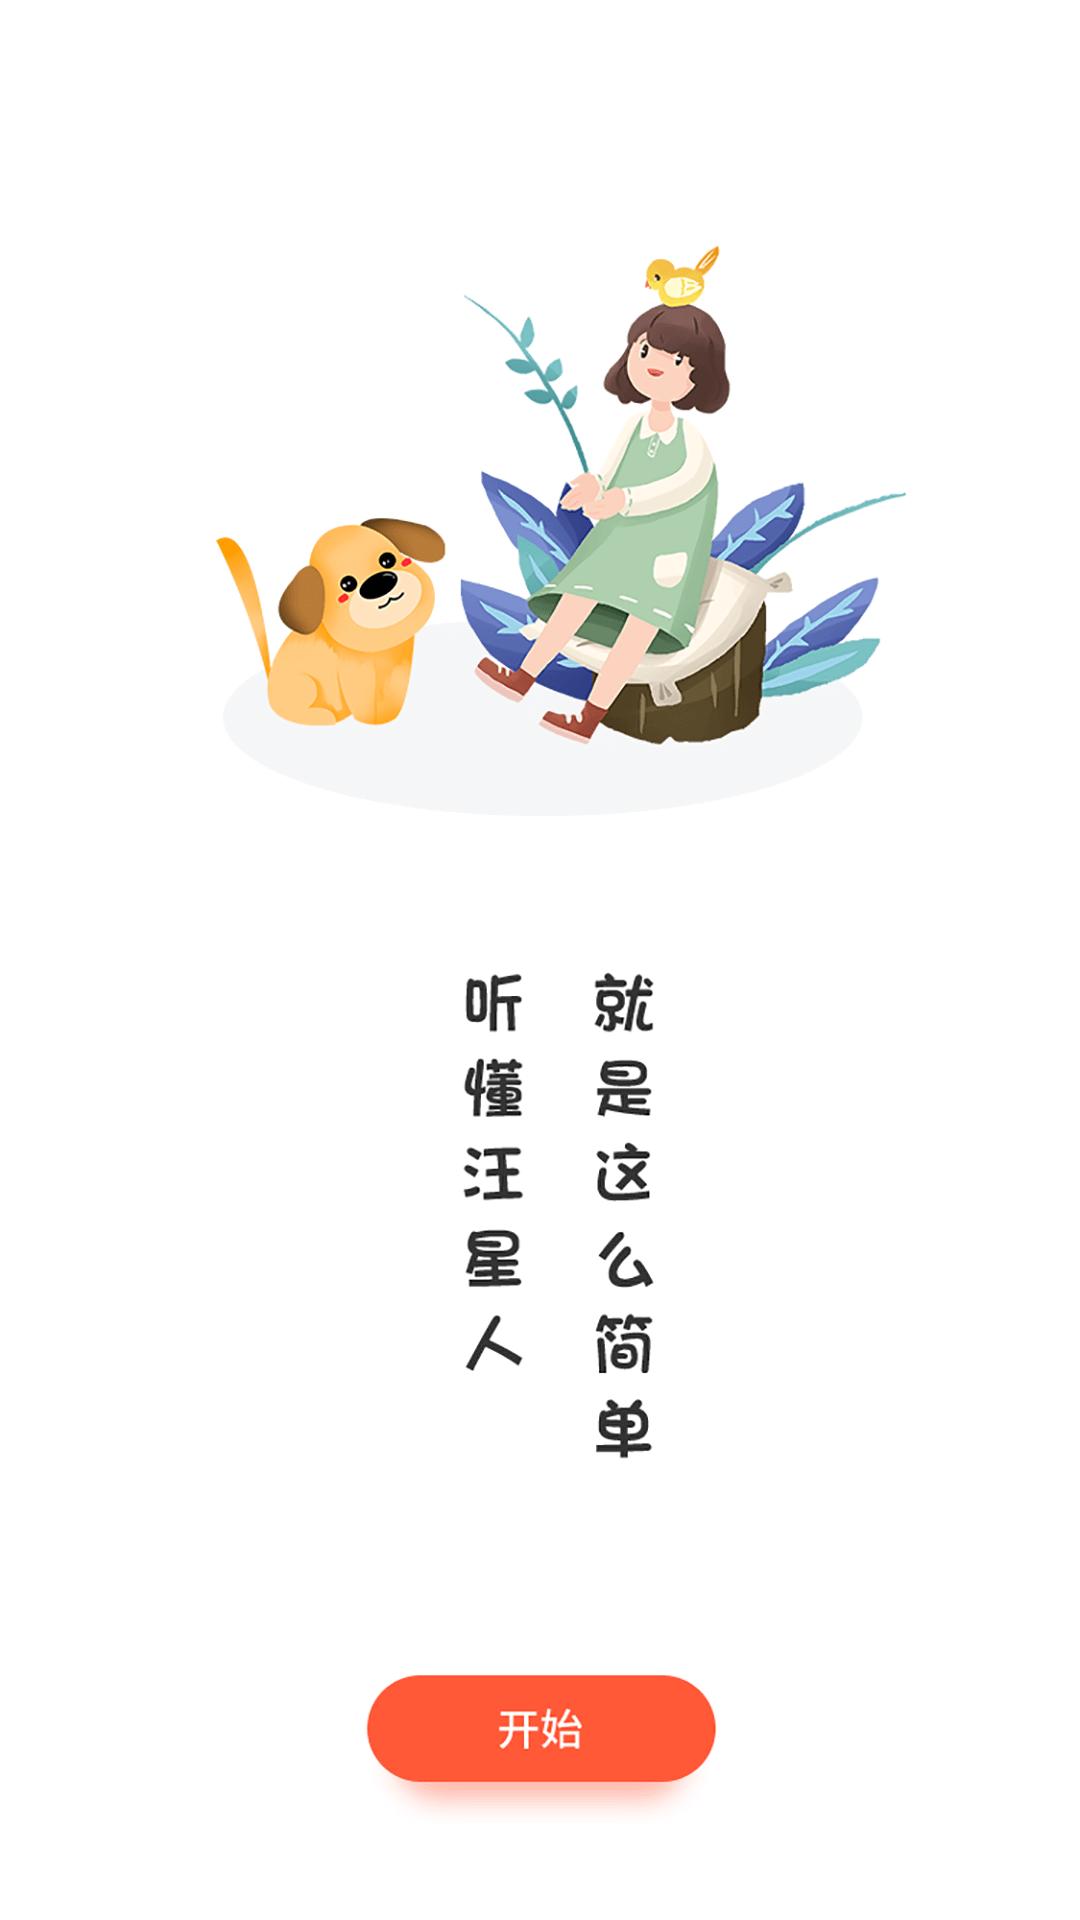 狗语翻译器 APP截图